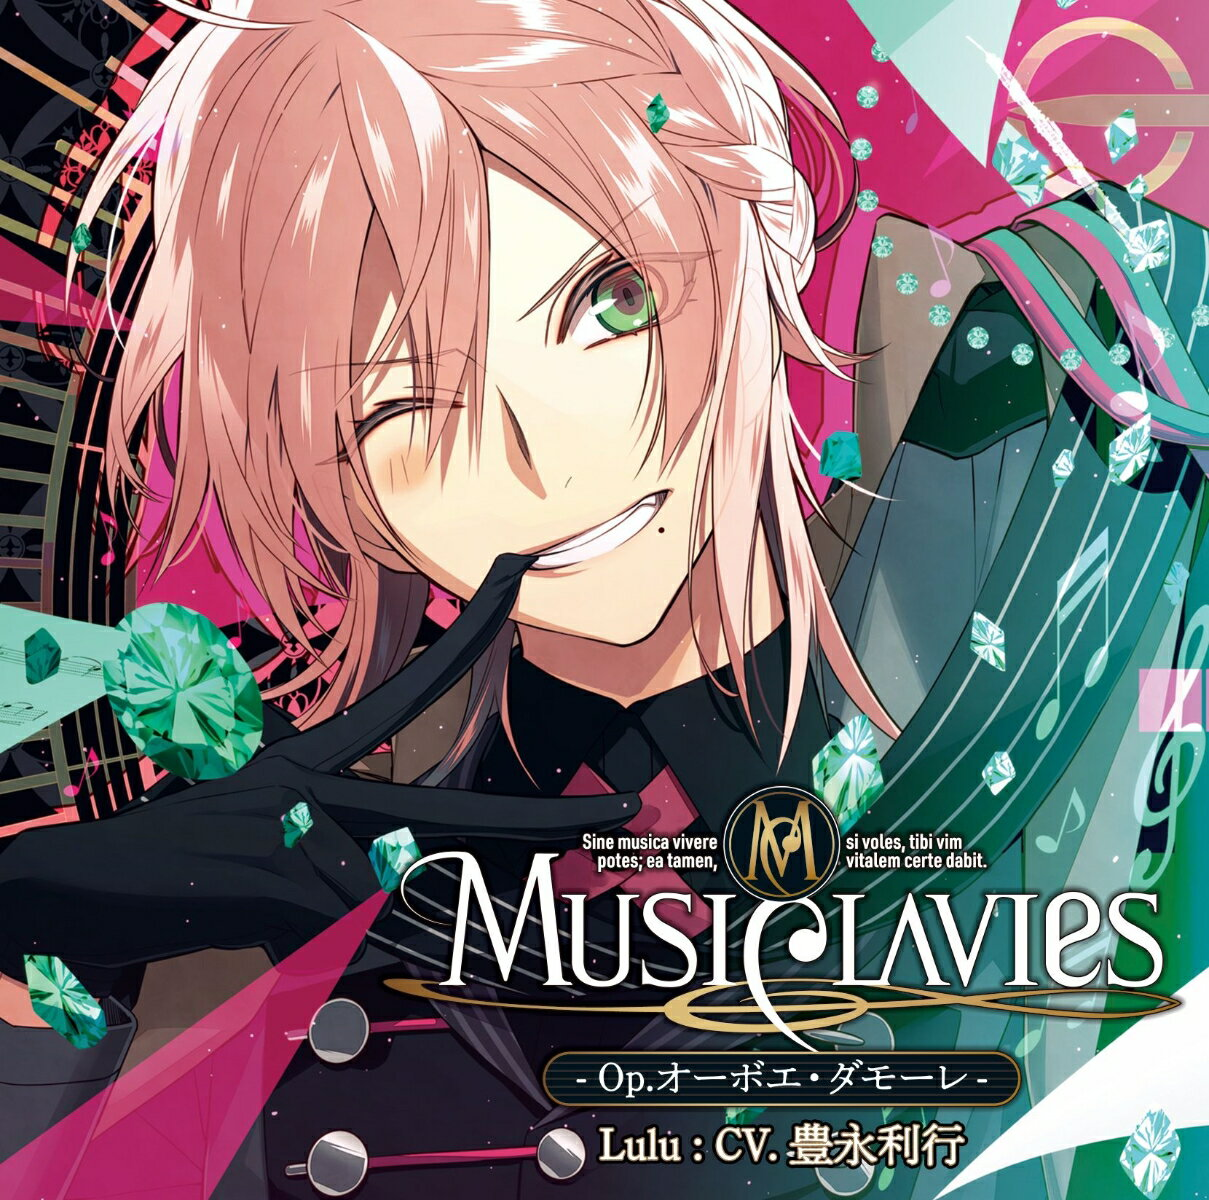 アニメ, アニメソング MusiClavies -Op. MusiClavies